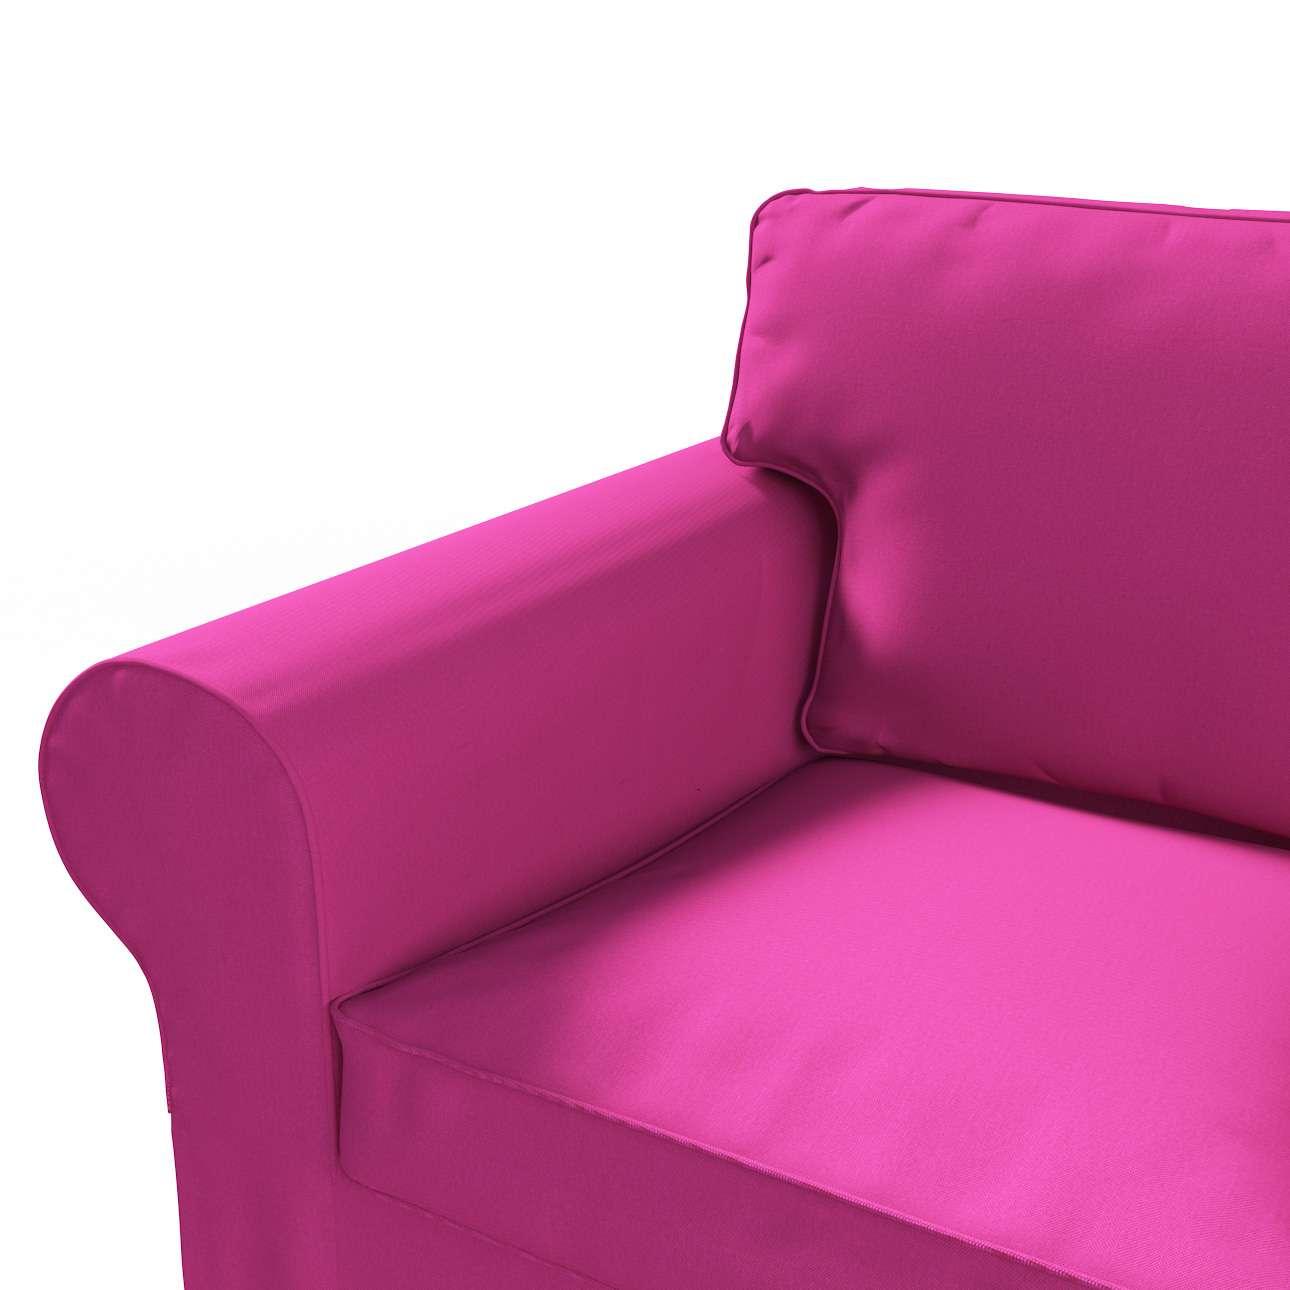 Ektorp 2-Sitzer Sofabezug nicht ausklappbar Sofabezug für  Ektorp 2-Sitzer nicht ausklappbar von der Kollektion Etna, Stoff: 705-23